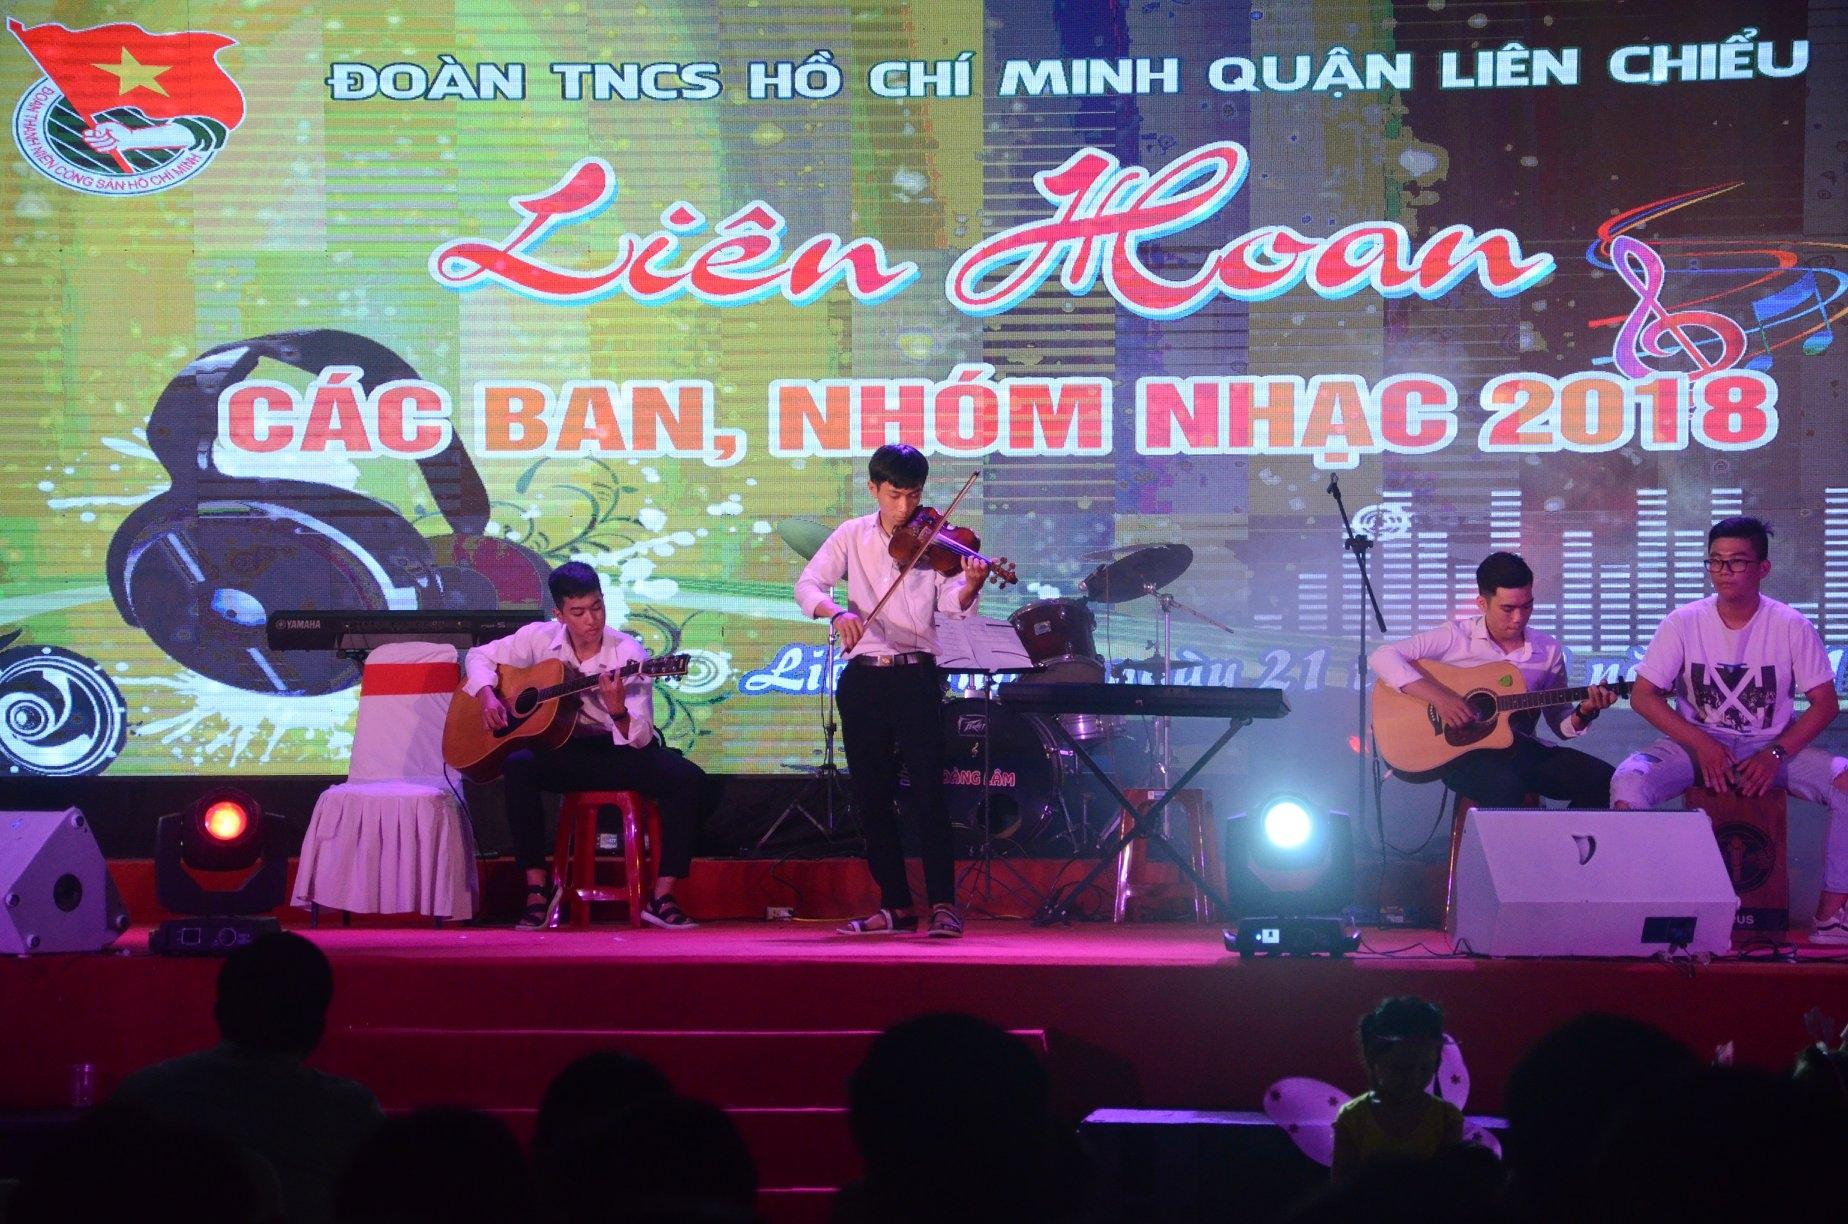 Quận Đoàn tổ chức Liên hoan các ban, nhóm nhạc năm 2018